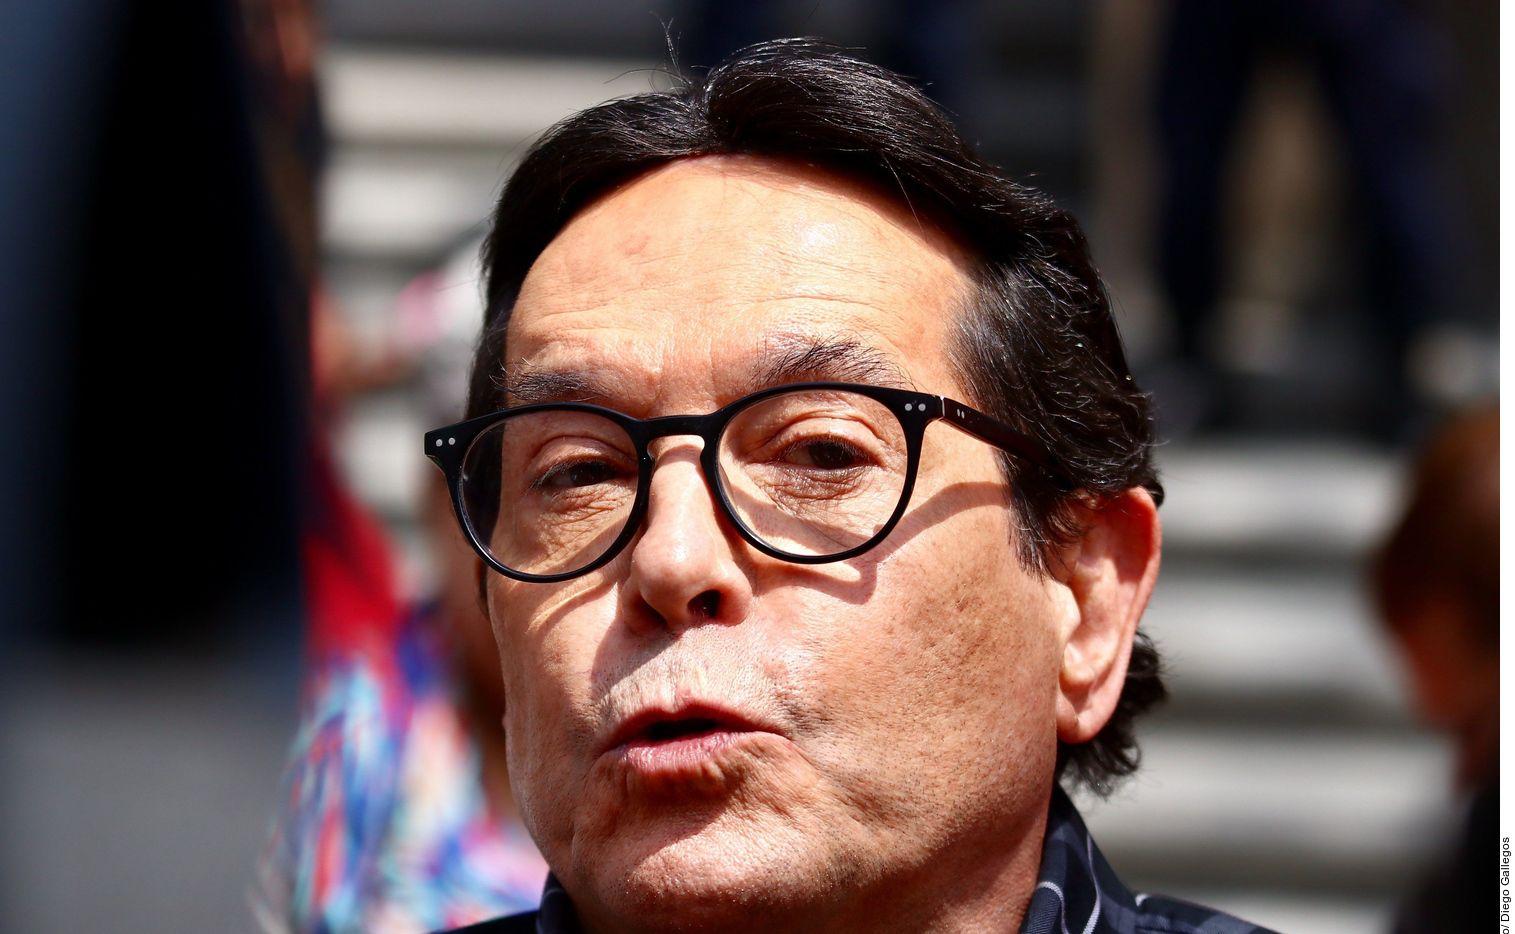 El presentador Juan José Origel voló a Estados Unidos para vacunarse. El mexicano consideró que era una tristeza que México no le diera esa posibilidad, aunque fue criticado en redes.